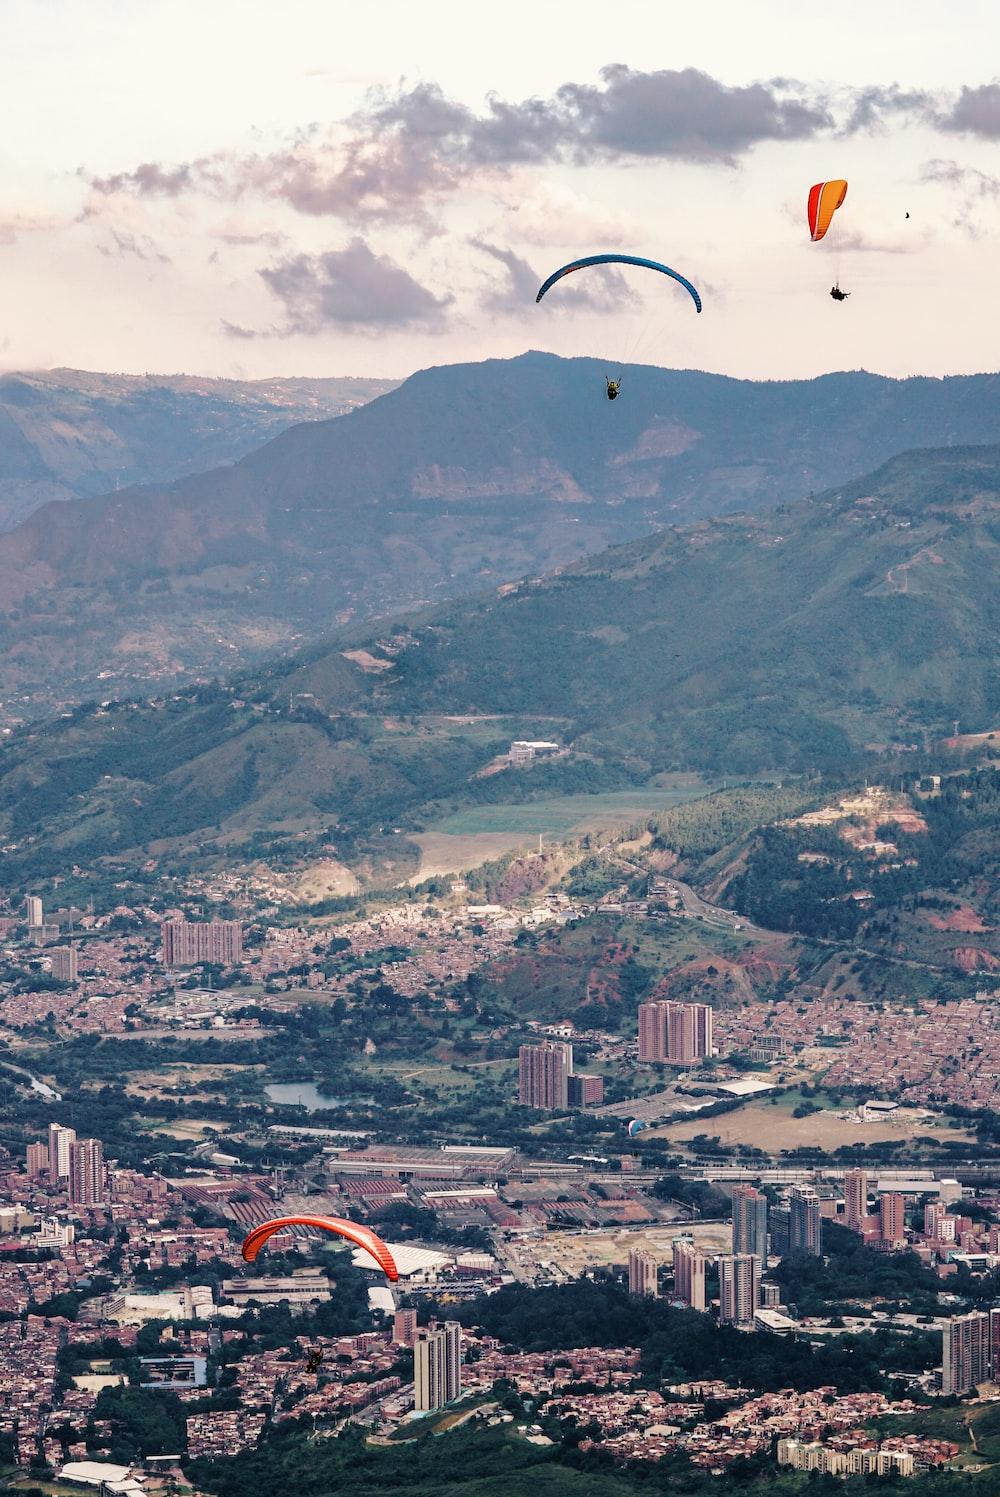 paragliding near mountain